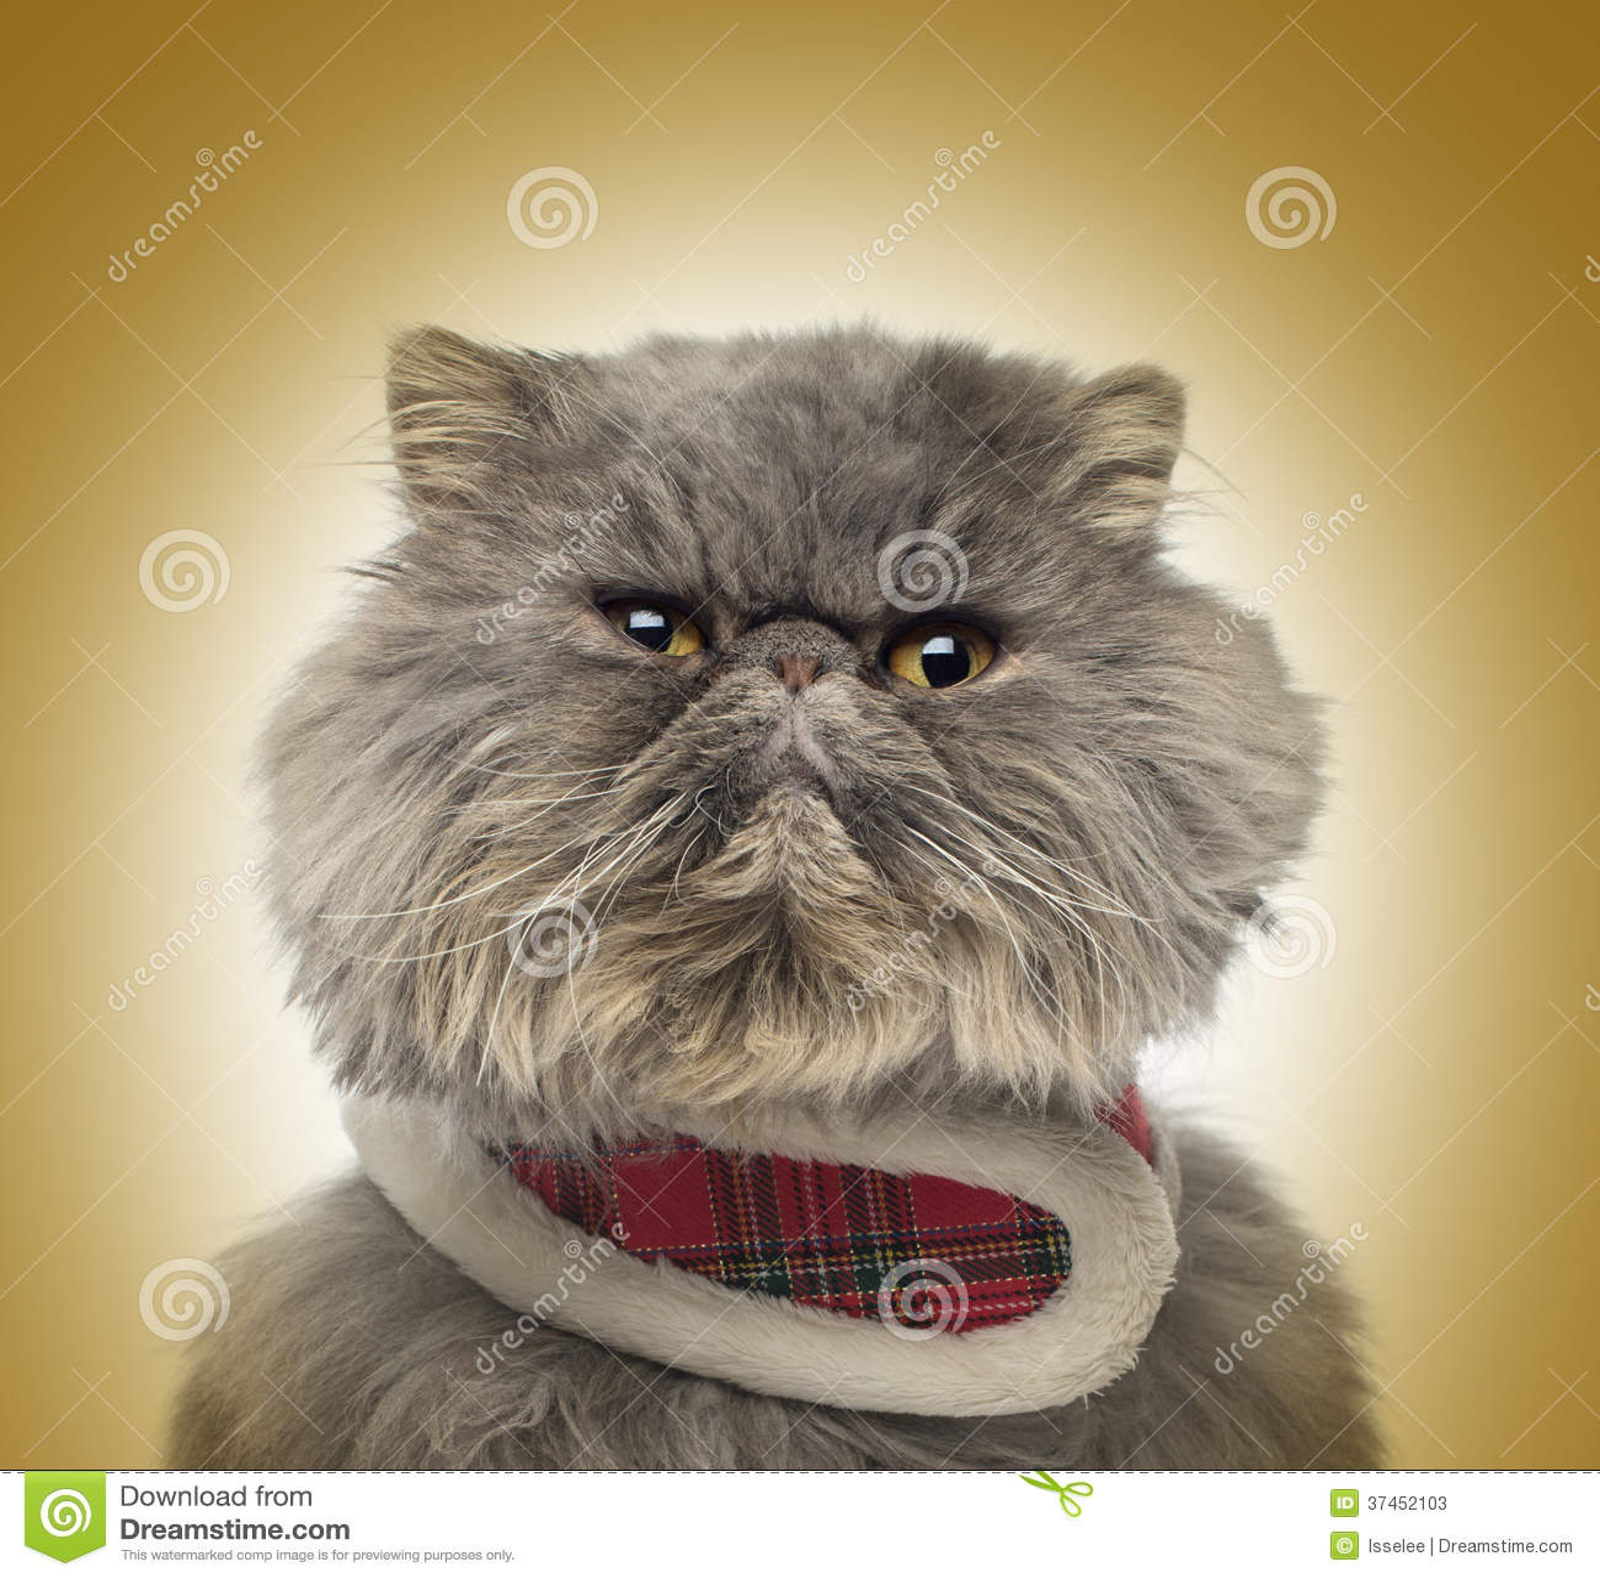 Frontowy widok gderliwy Perski kot jest ubranym tartan nicielnicę